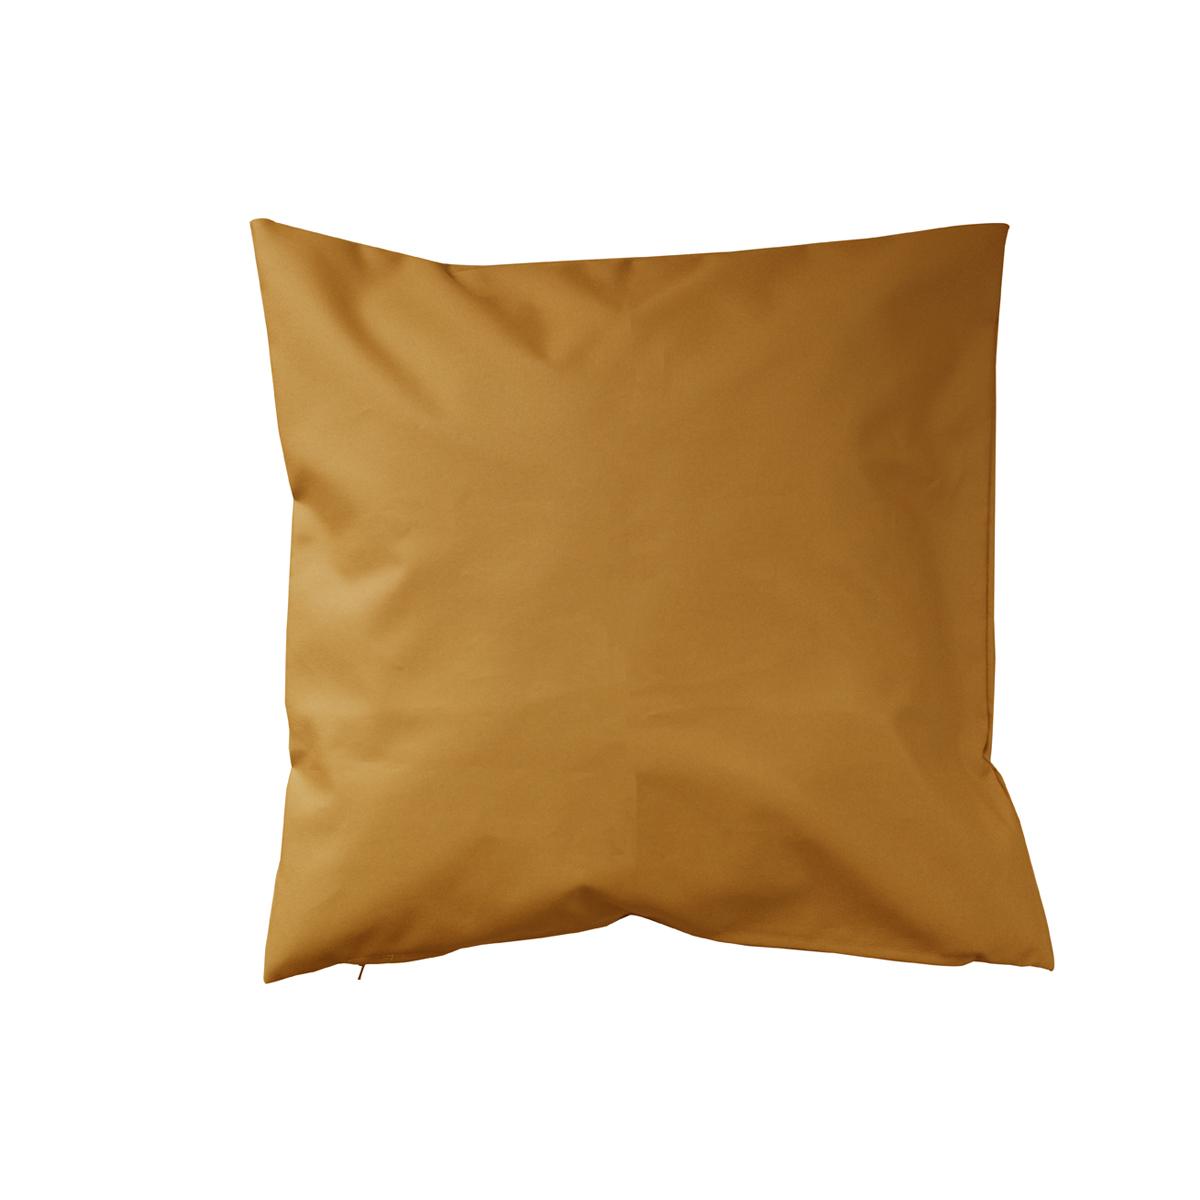 Housse de coussin d'extérieur en tissu outdoor - Moutarde - 45 x 45 cm